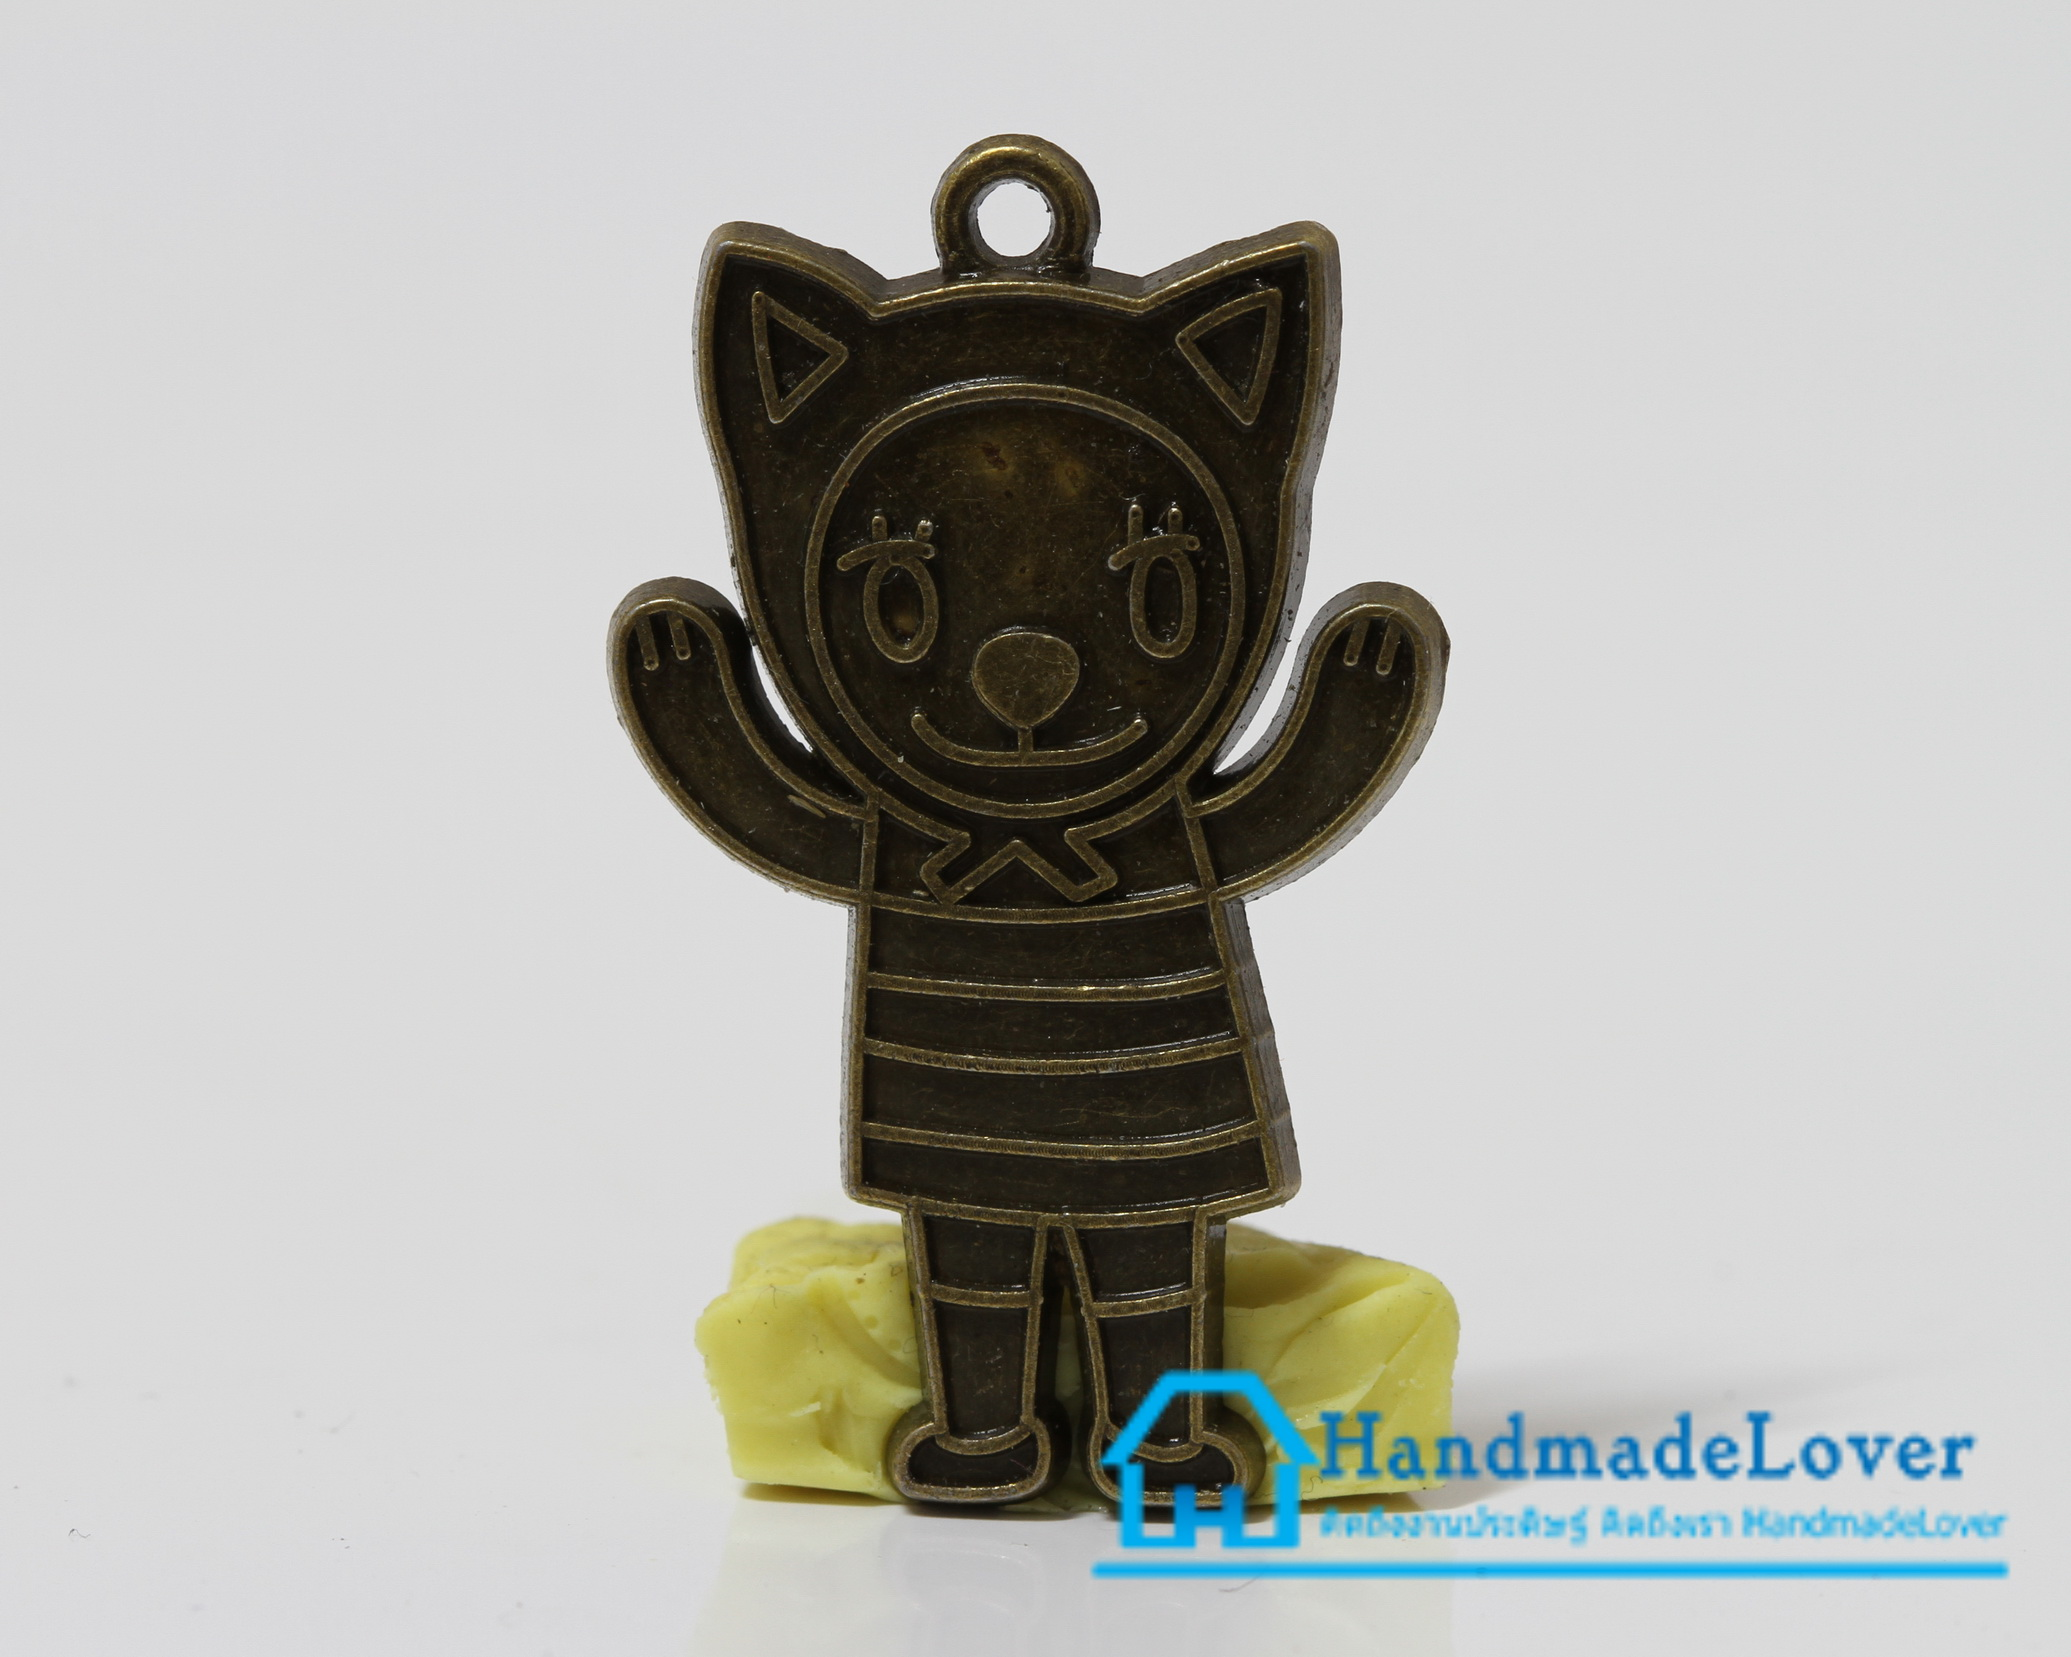 จี้,ตัวห้อยซิป โหละ สีทองรมดำ รูปตุ๊กตา แมว